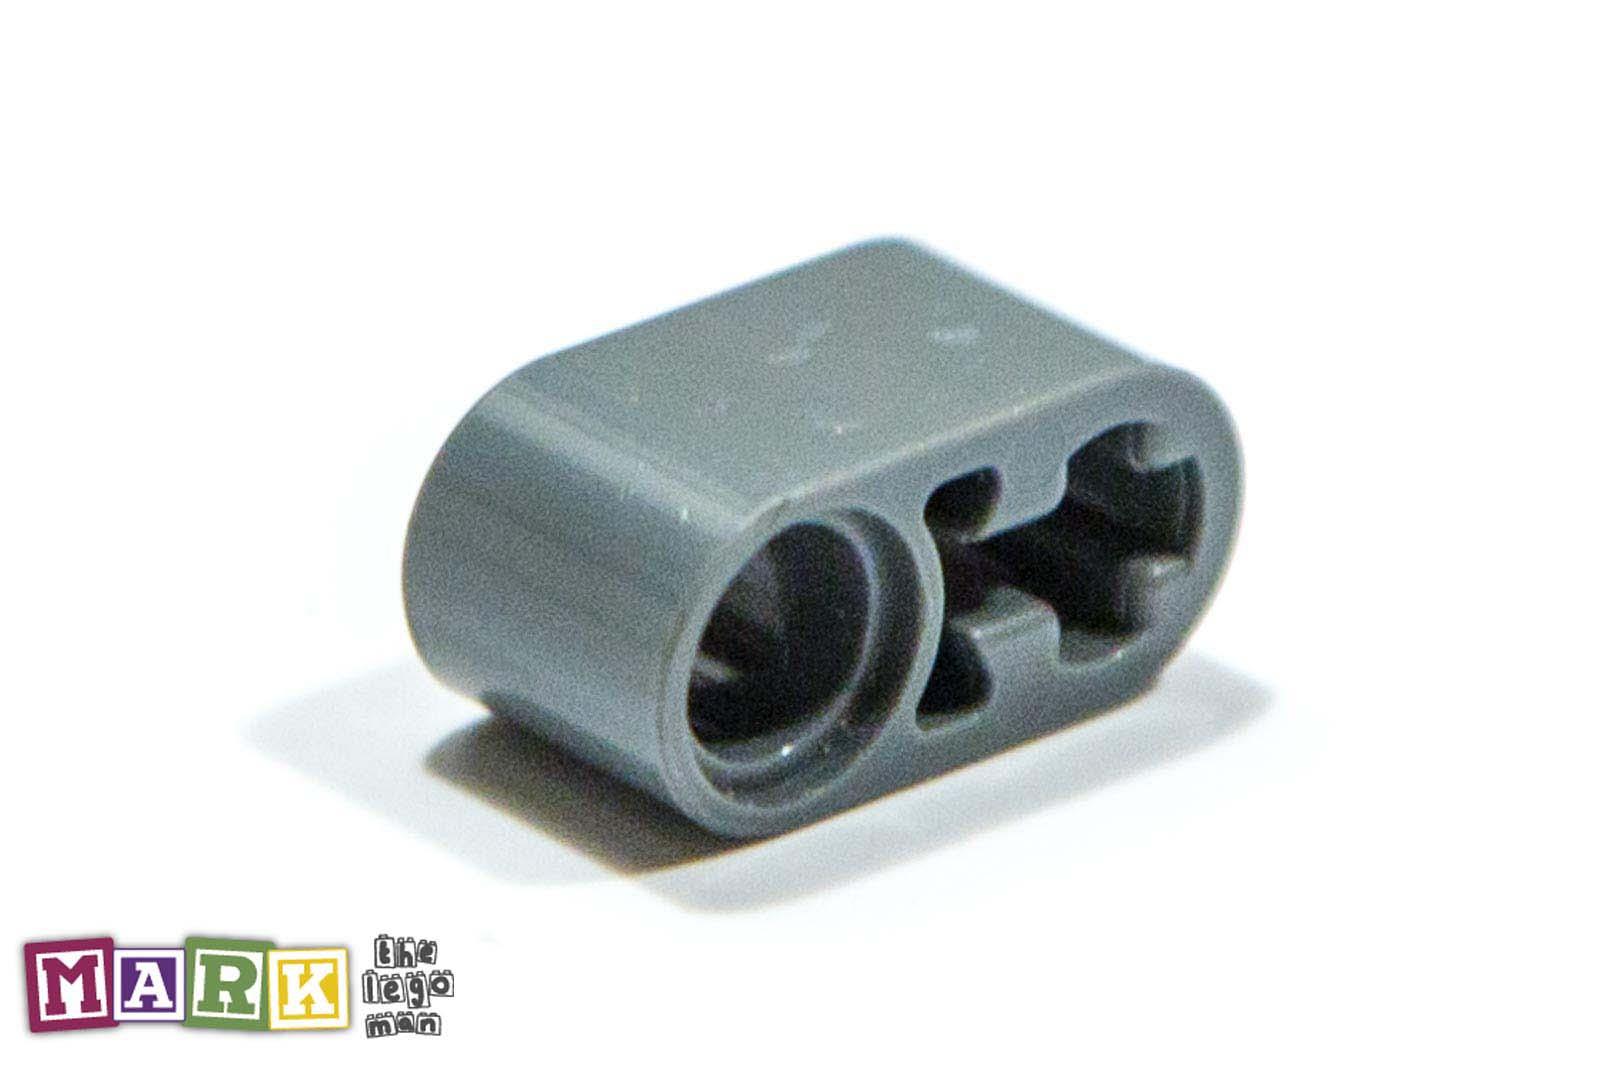 Lego 60483 1x2 Technic Beam 2 Liftarm with Hole and Axlehole 4515183